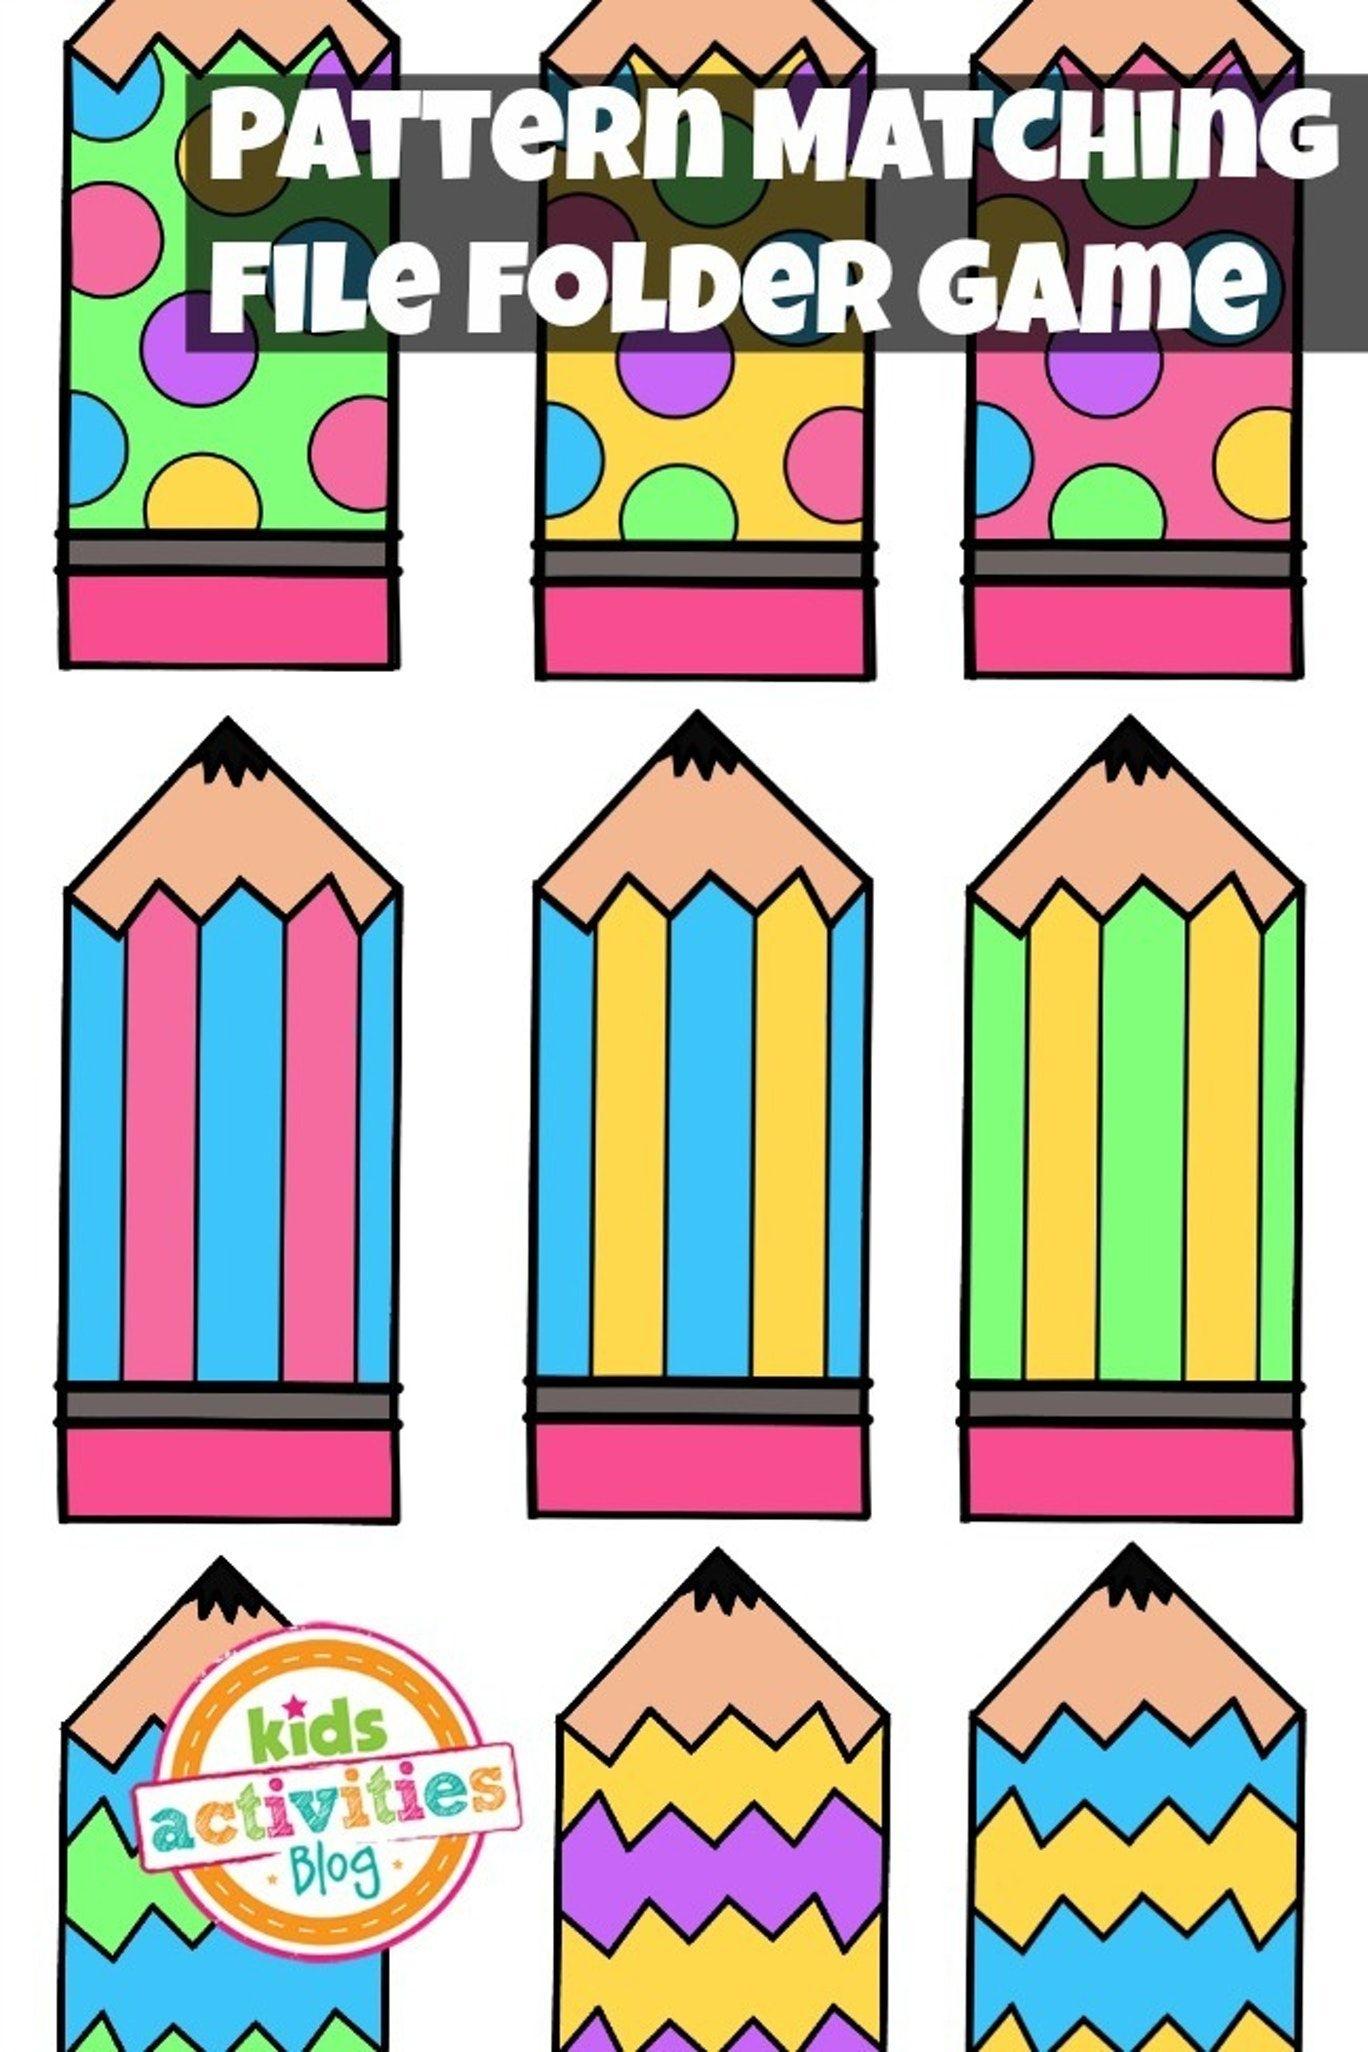 Pattern Matching Free Printable File Folder Game For Preschoolers - Free Printable File Folder Games